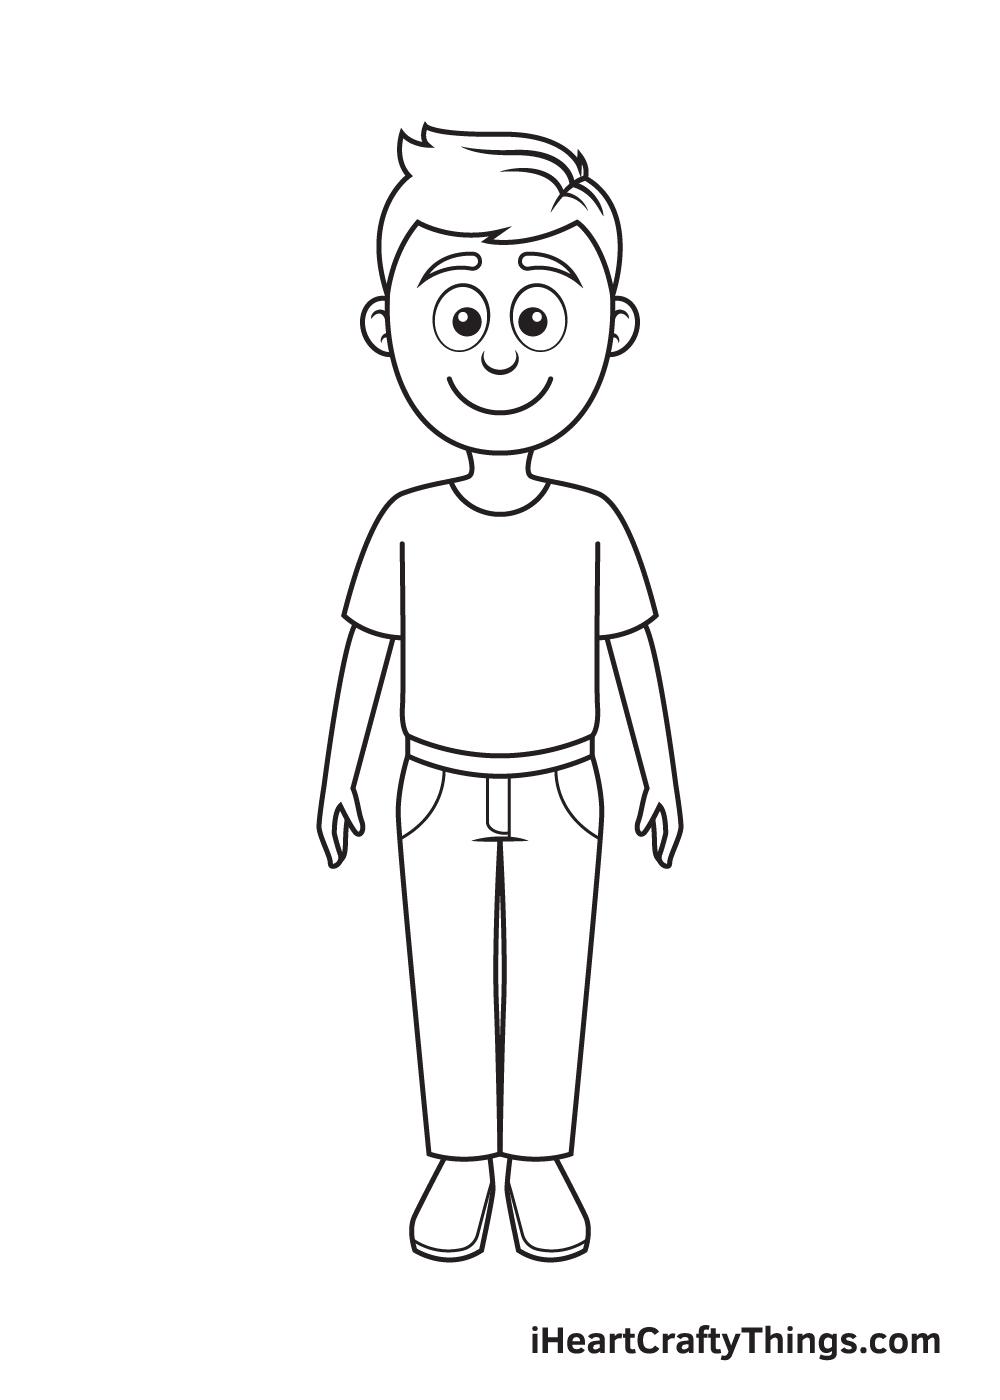 cartoon people drawing step 9